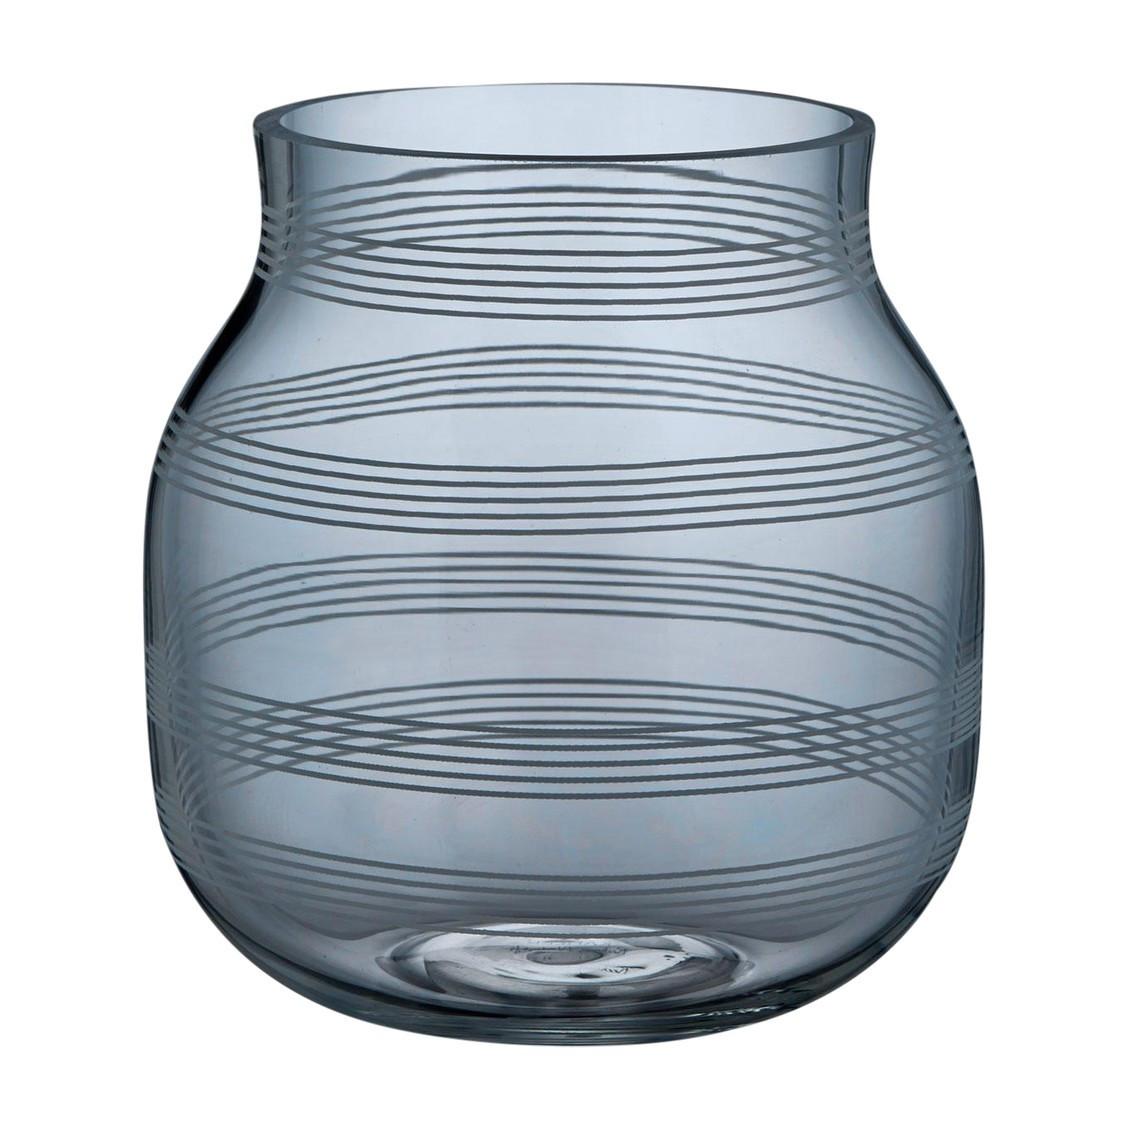 6x6 glass vase of ka¤hler omaggio glass vase h 17cm ambientedirect within omaggio glass vase h 17cm